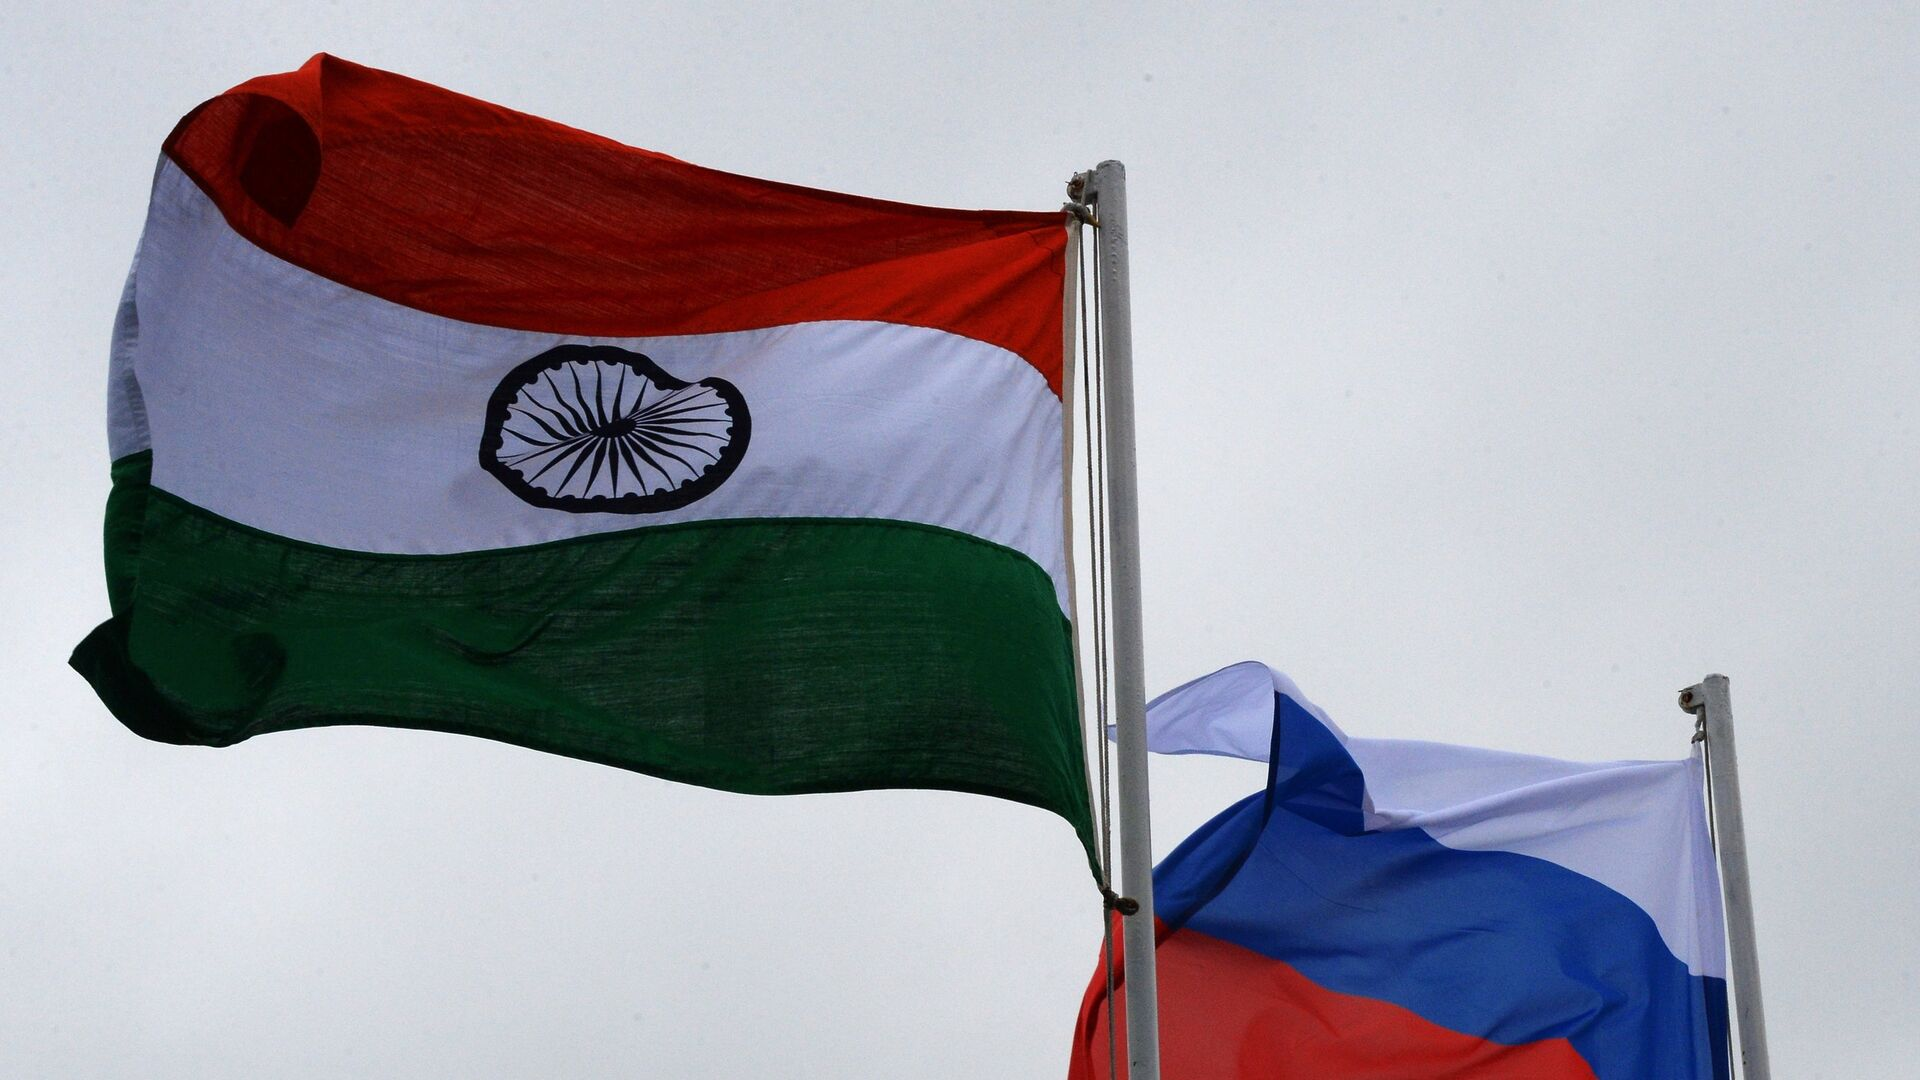 Las banderas de la India y Rusia - Sputnik Mundo, 1920, 02.03.2021